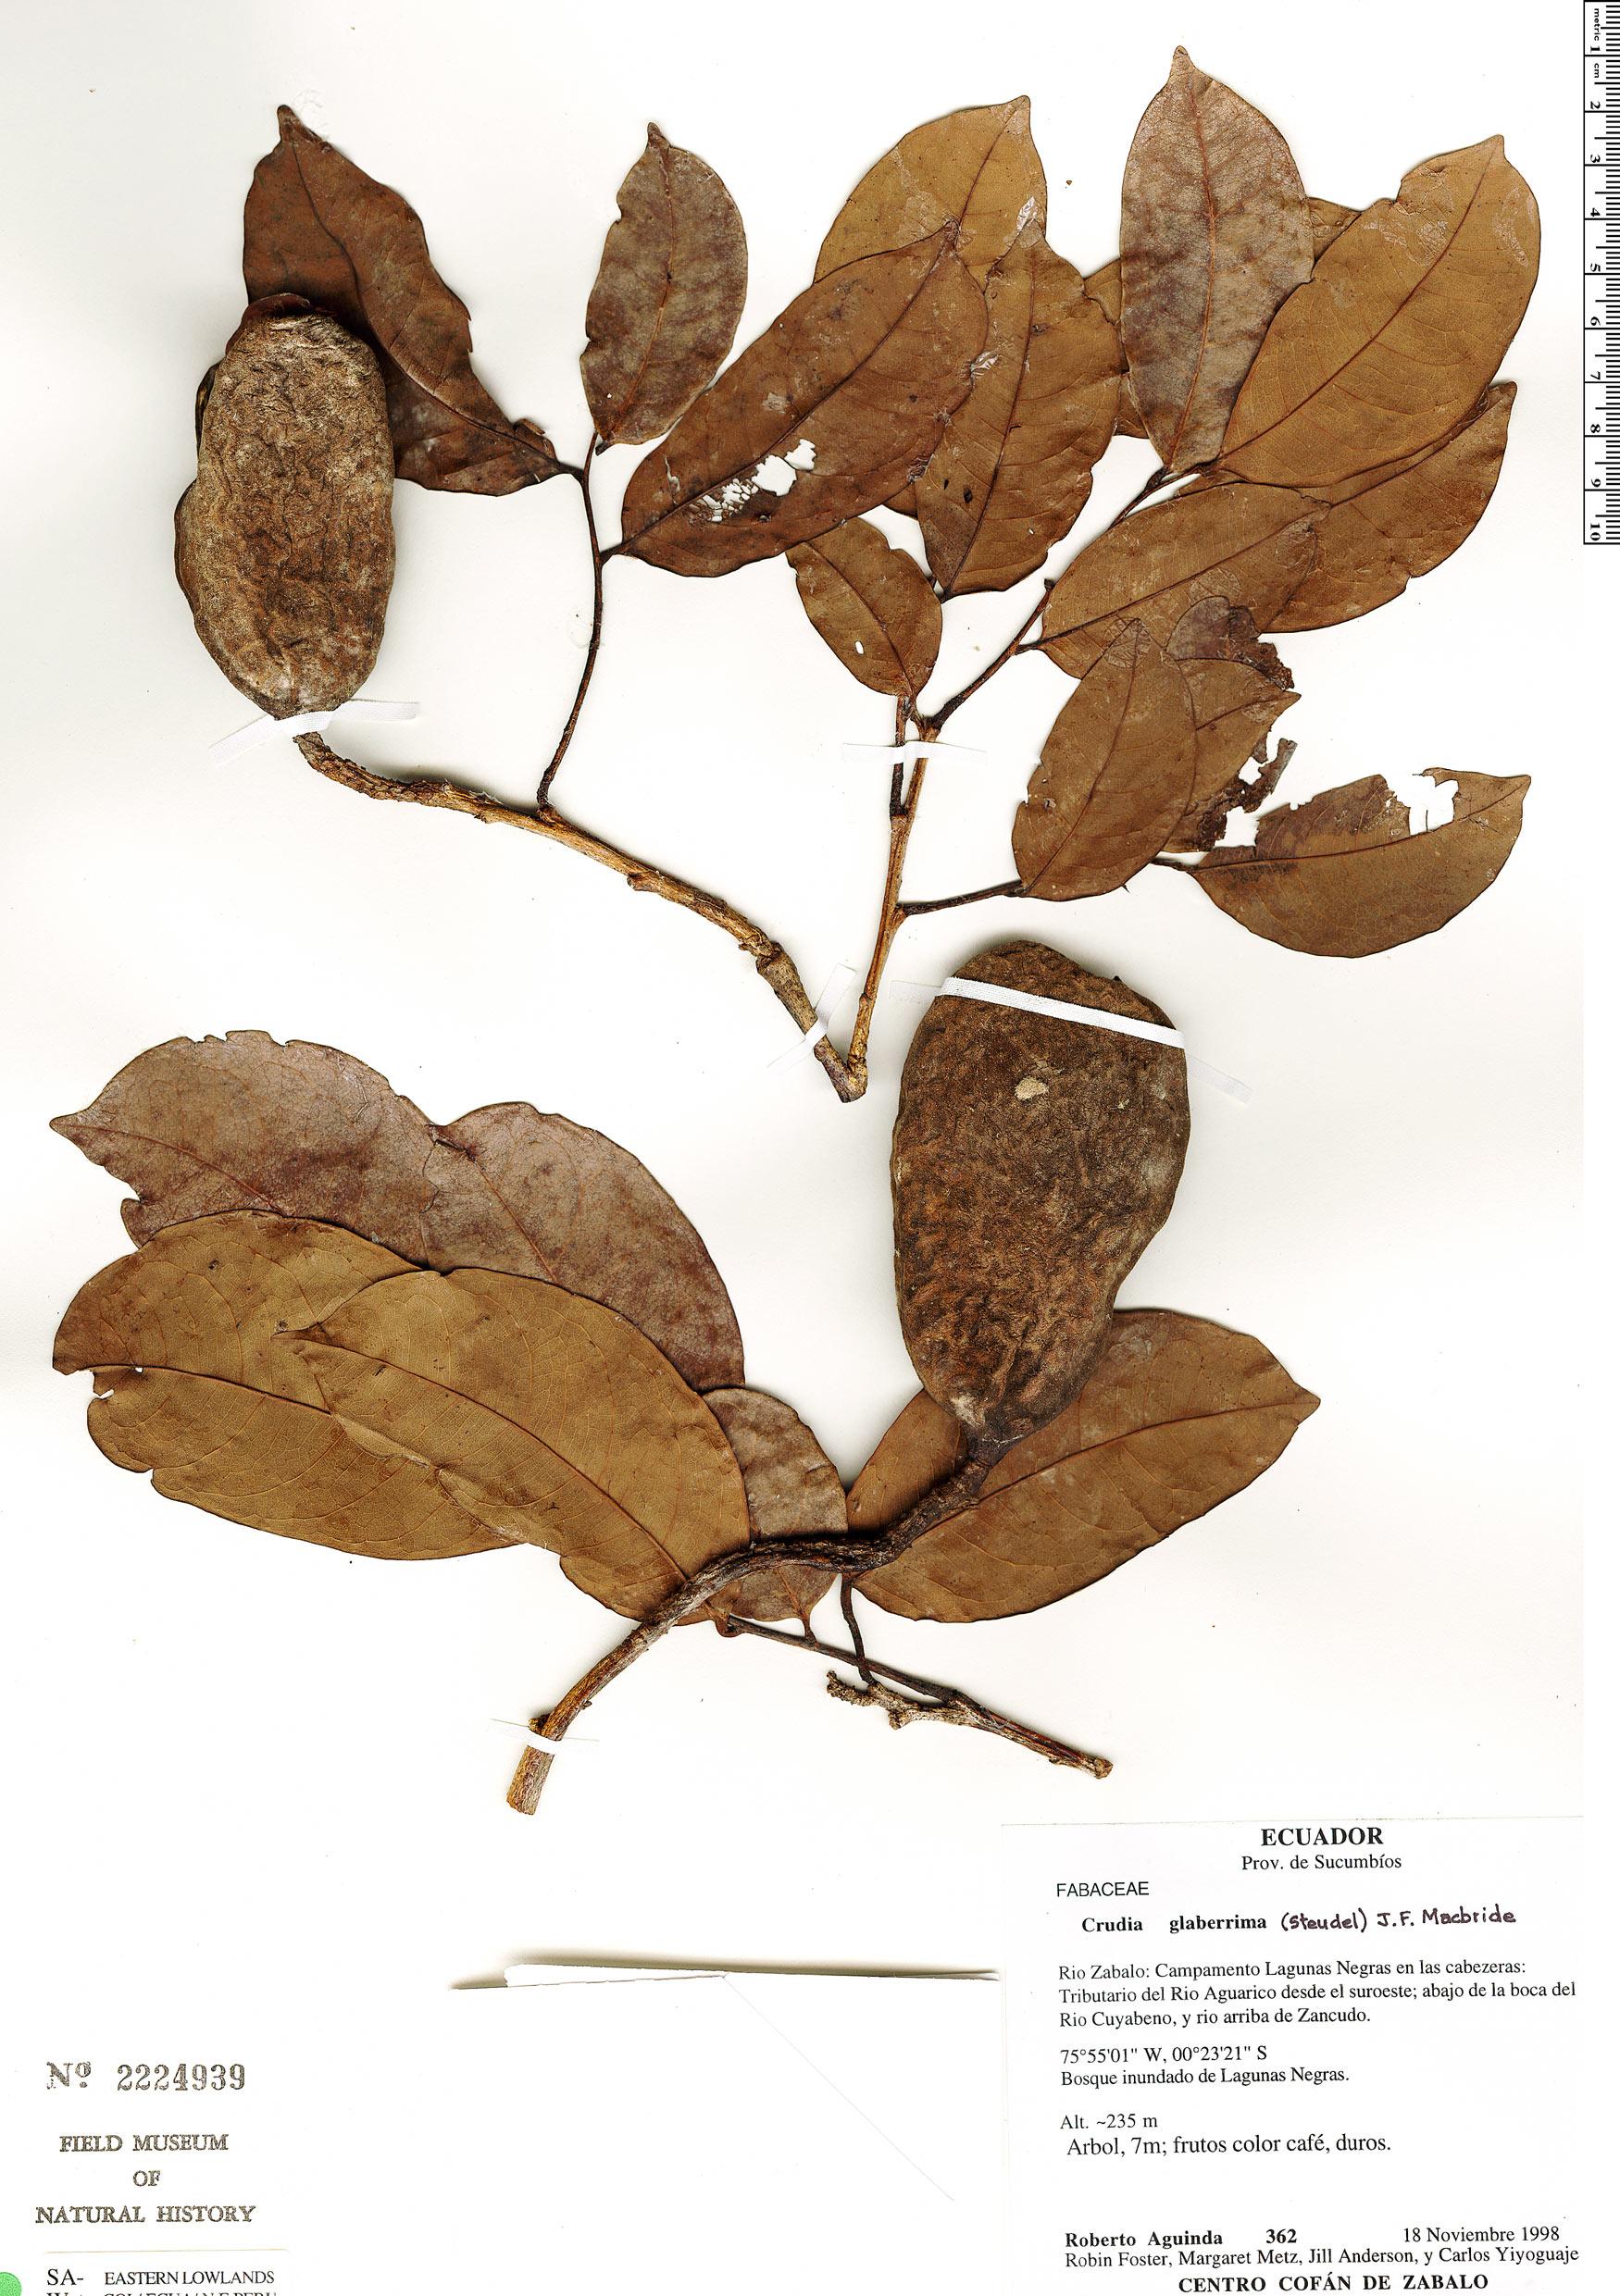 Specimen: Crudia glaberrima